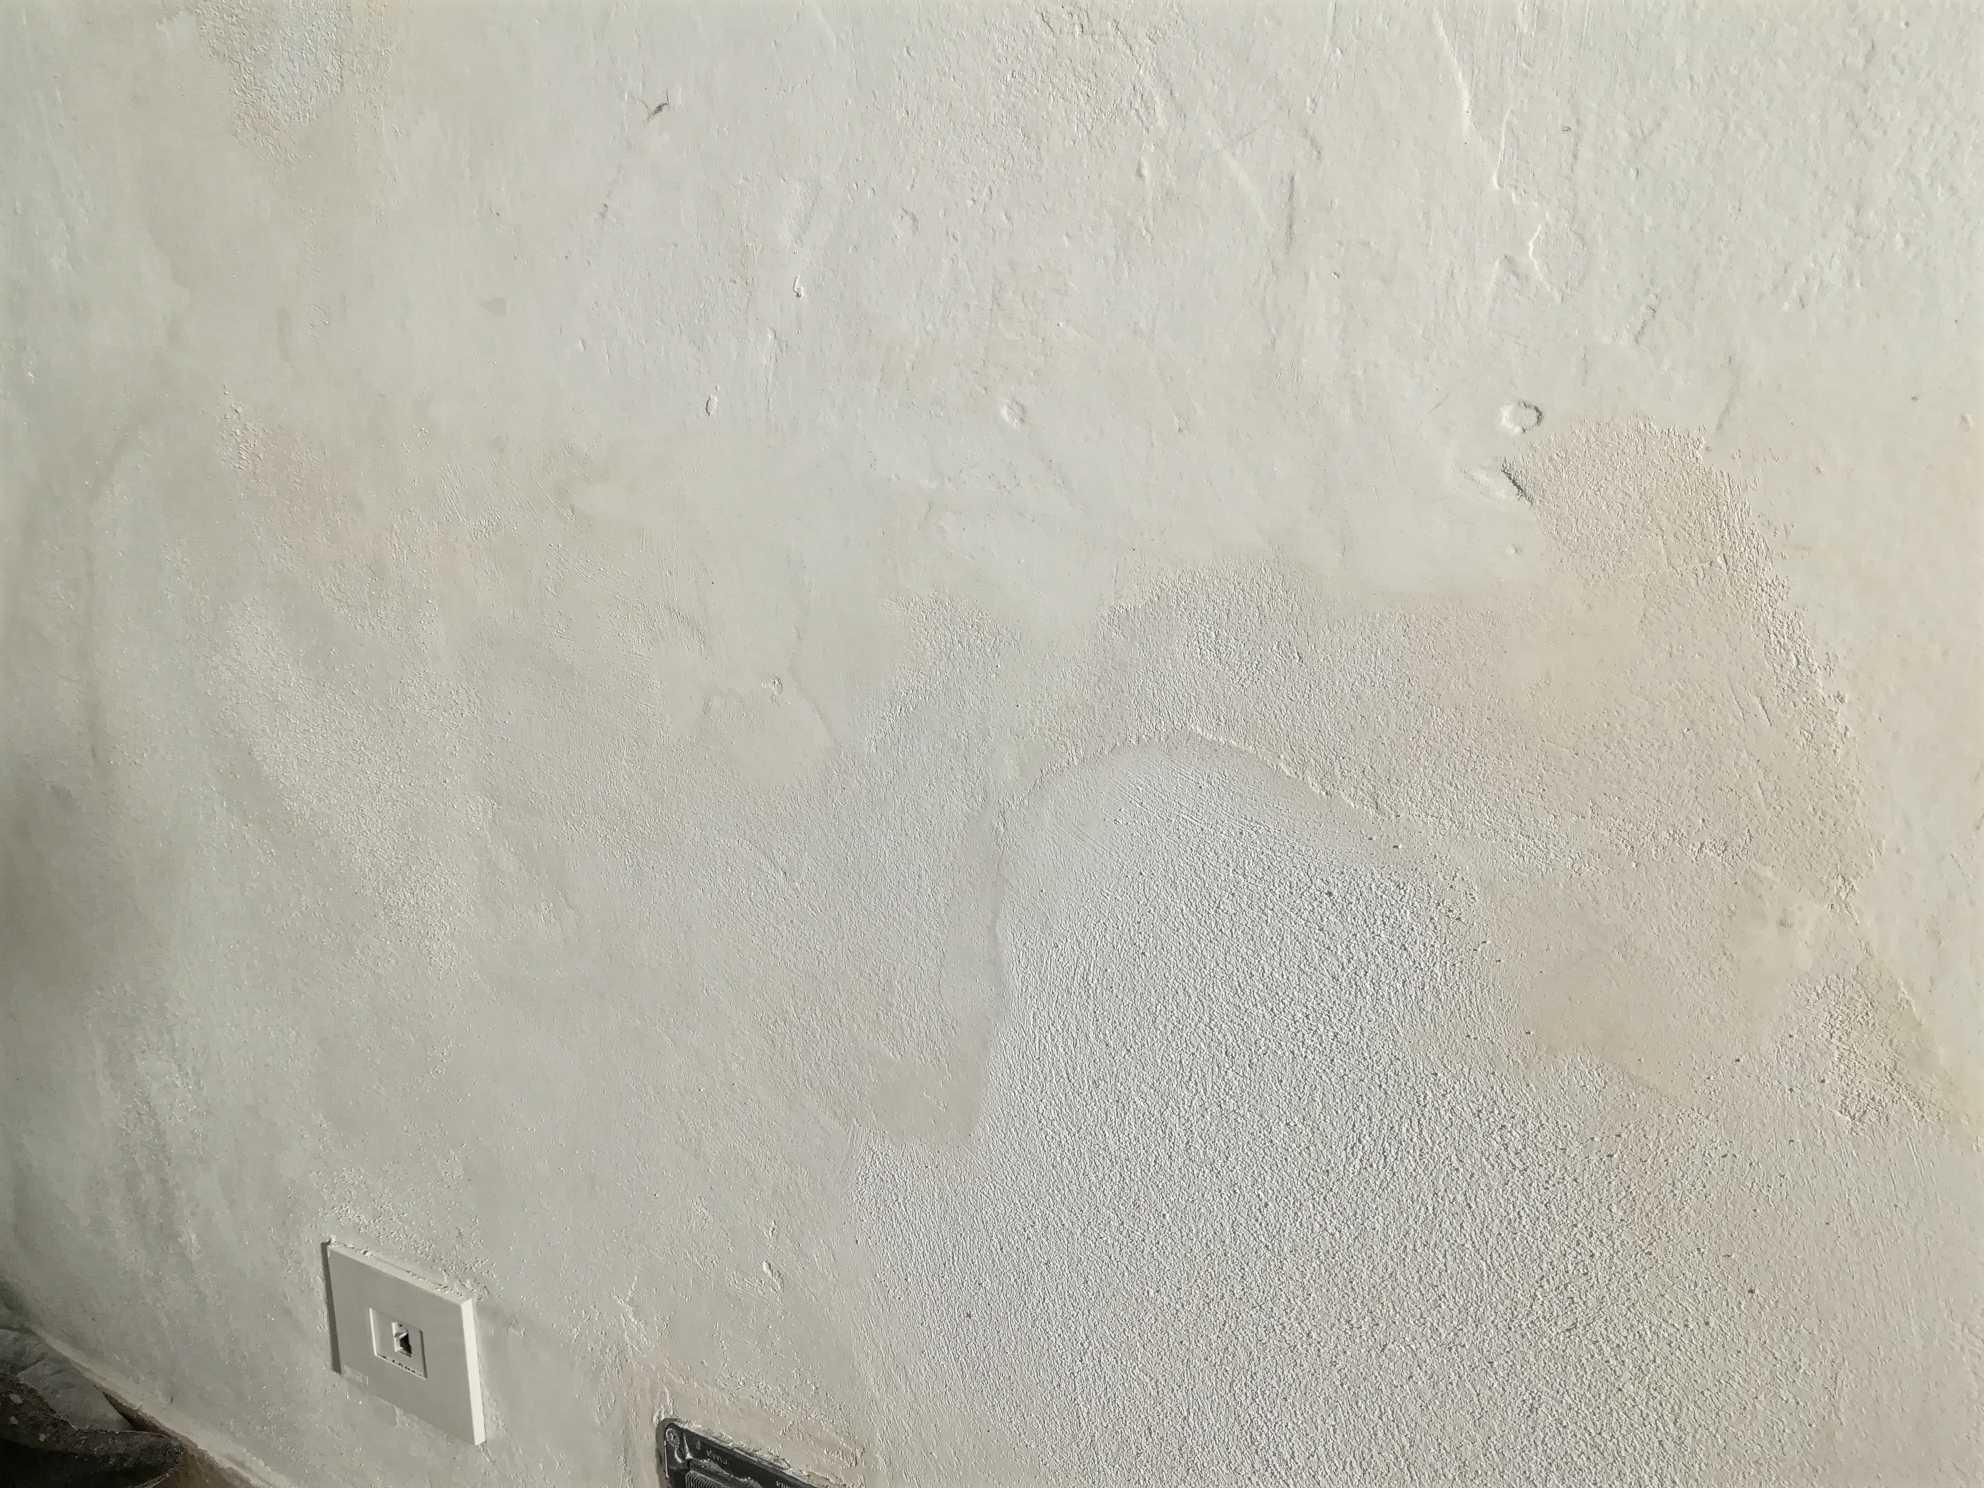 Mascherare Muri Imperfetti Con Le Pitture Decorative La